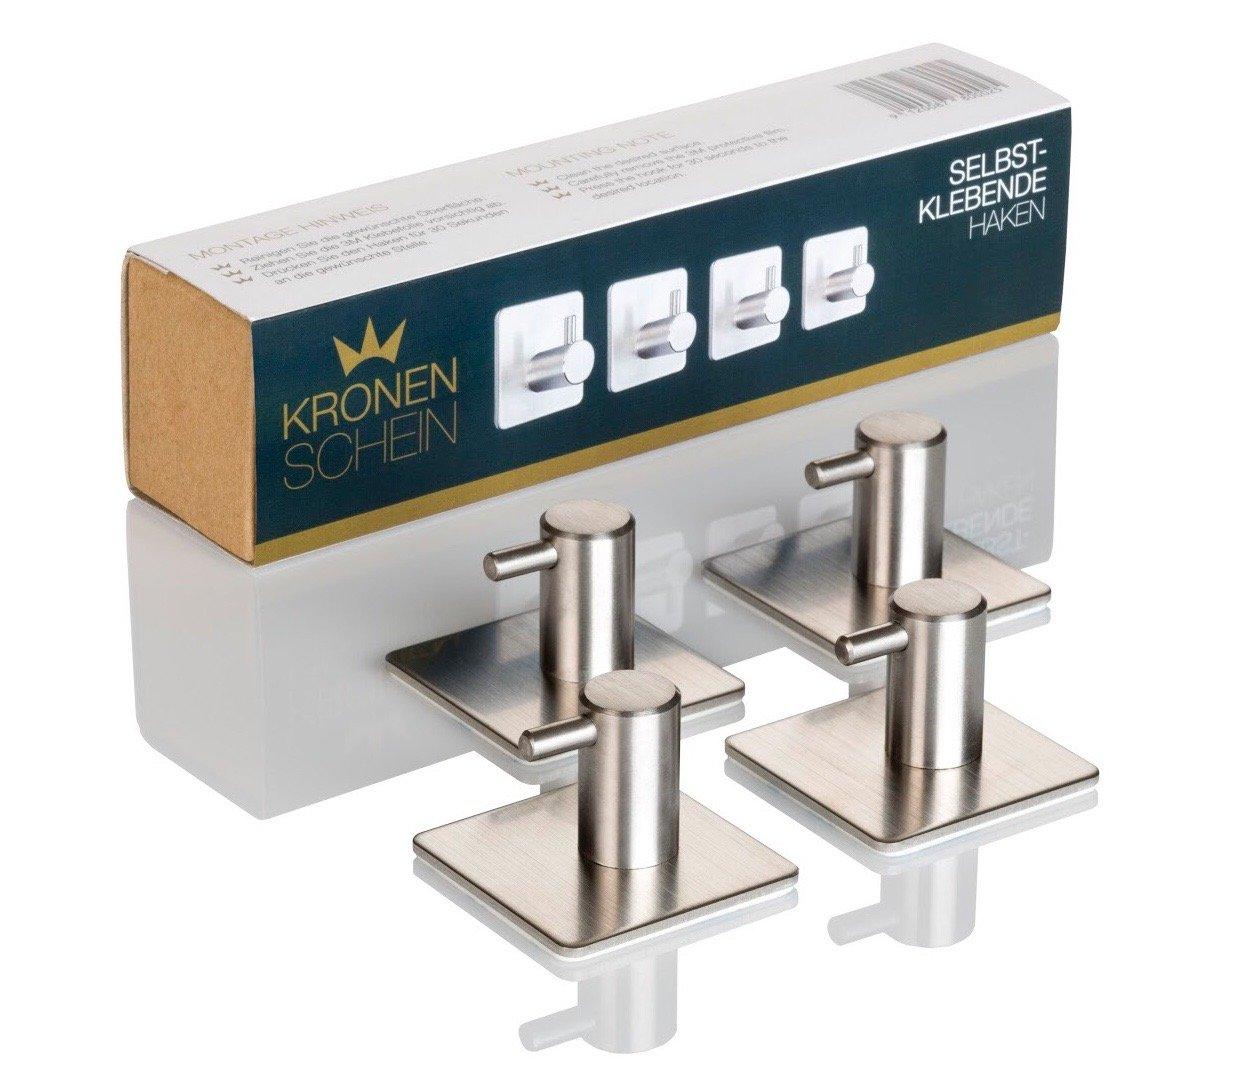 Portasciugamani con fissaggio senza trapano con tenuta massima fino a 8kg 4 ganci Kronenschein originali da incollare al muro per il bagno o la cucina